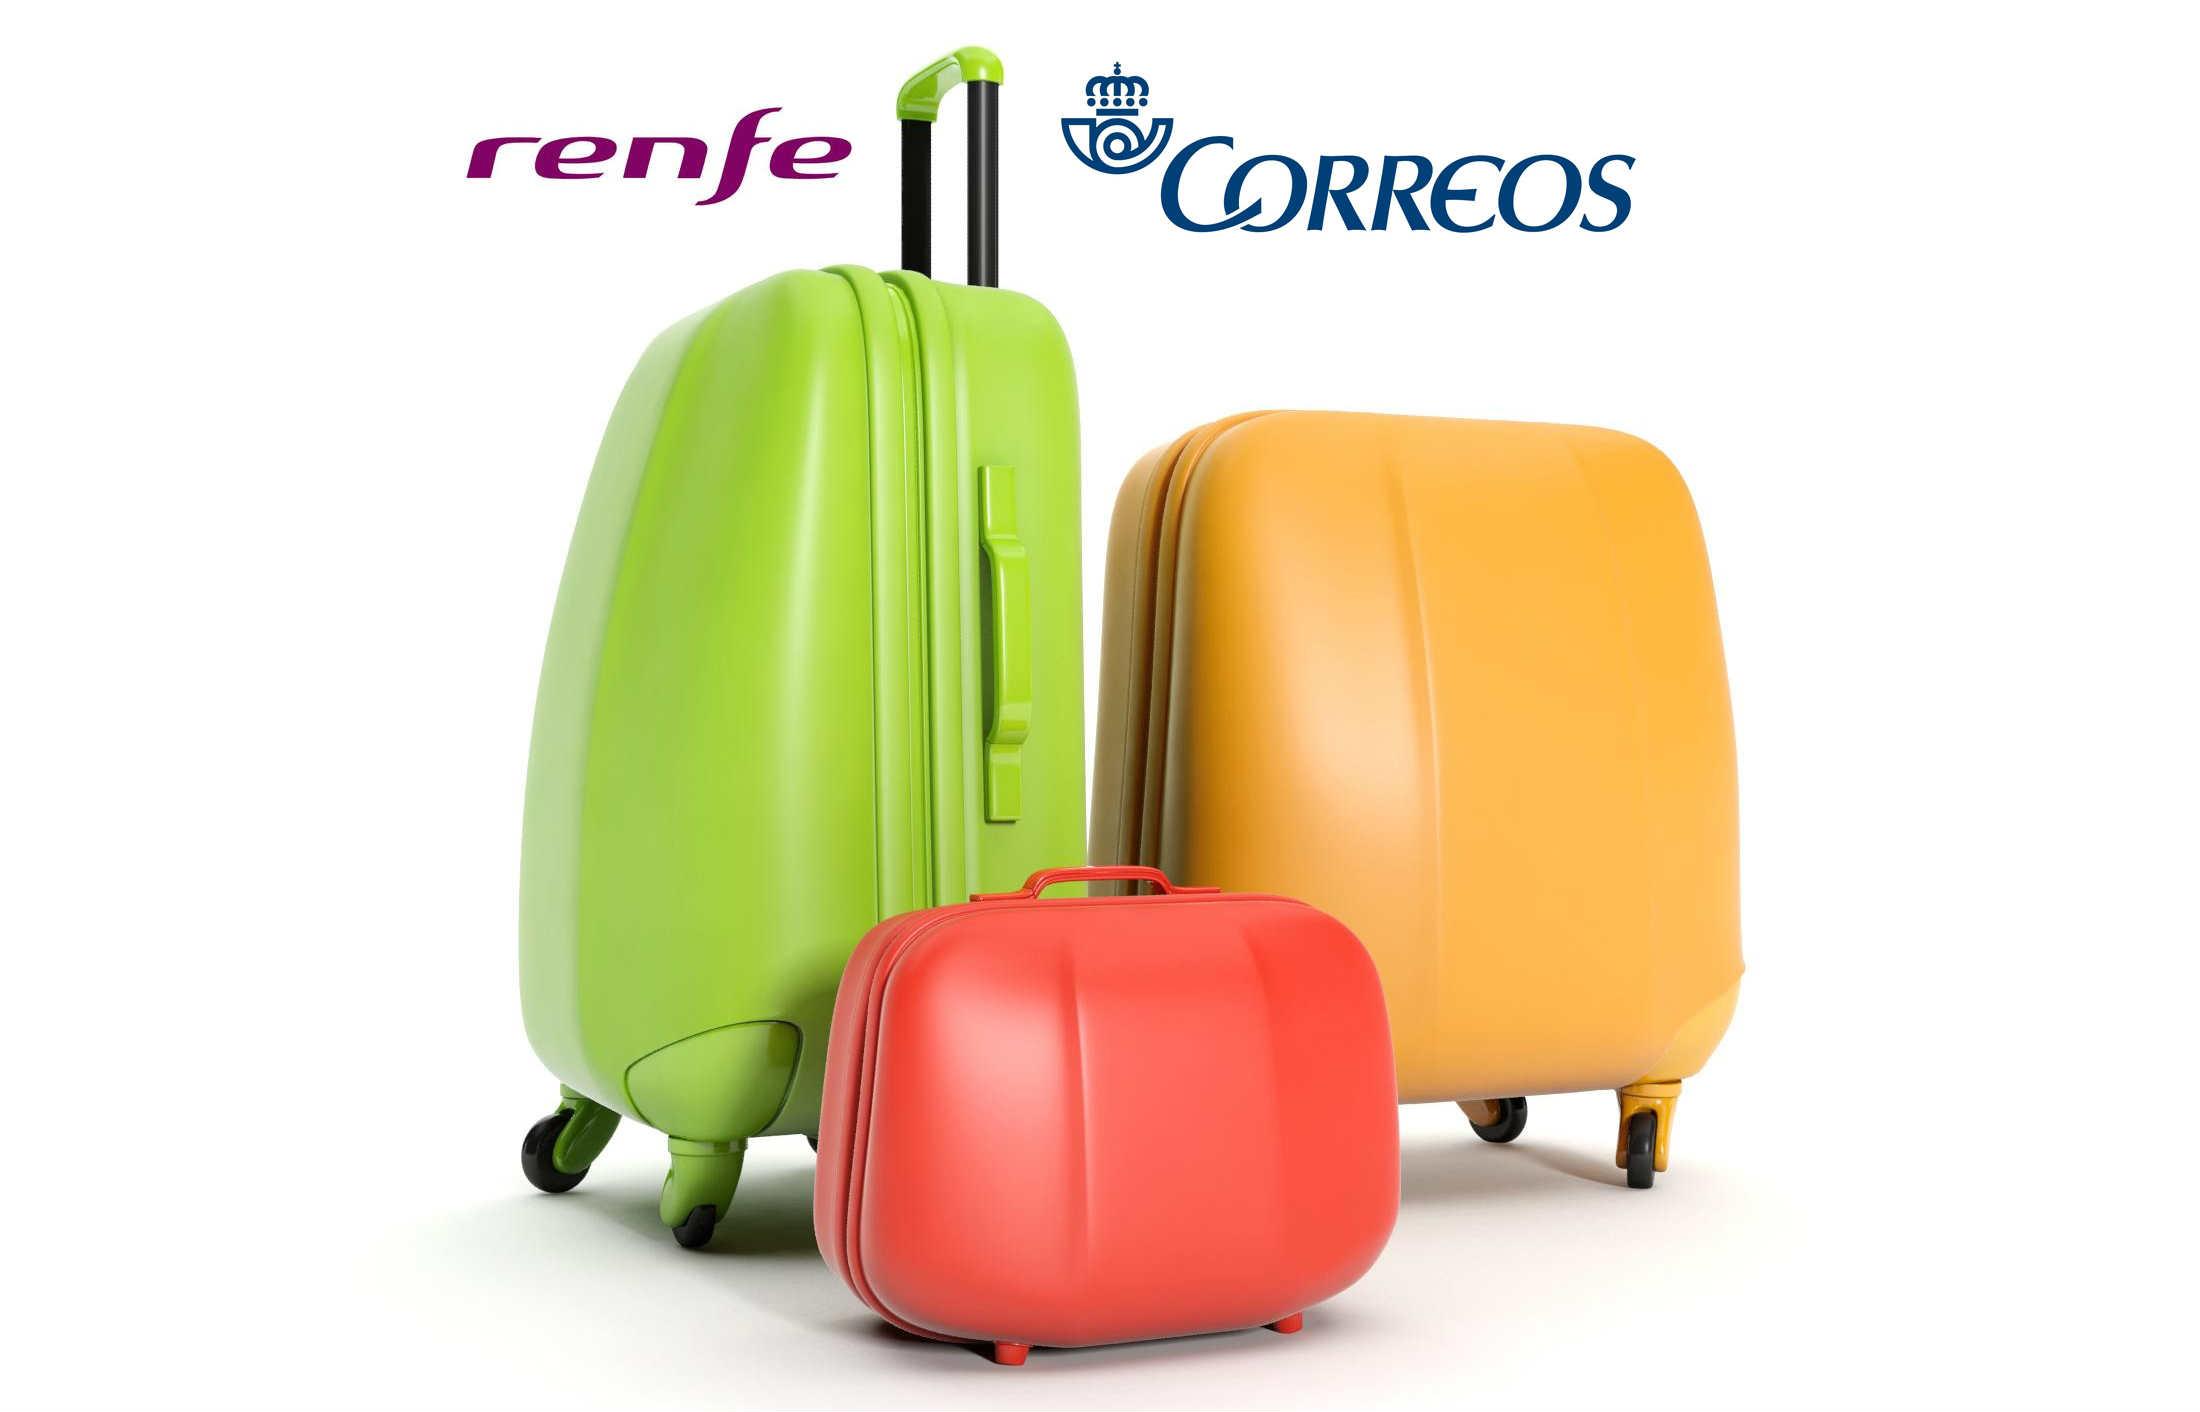 Las maletas de cuando viajamos en AVE se pueden enviar por Correos.